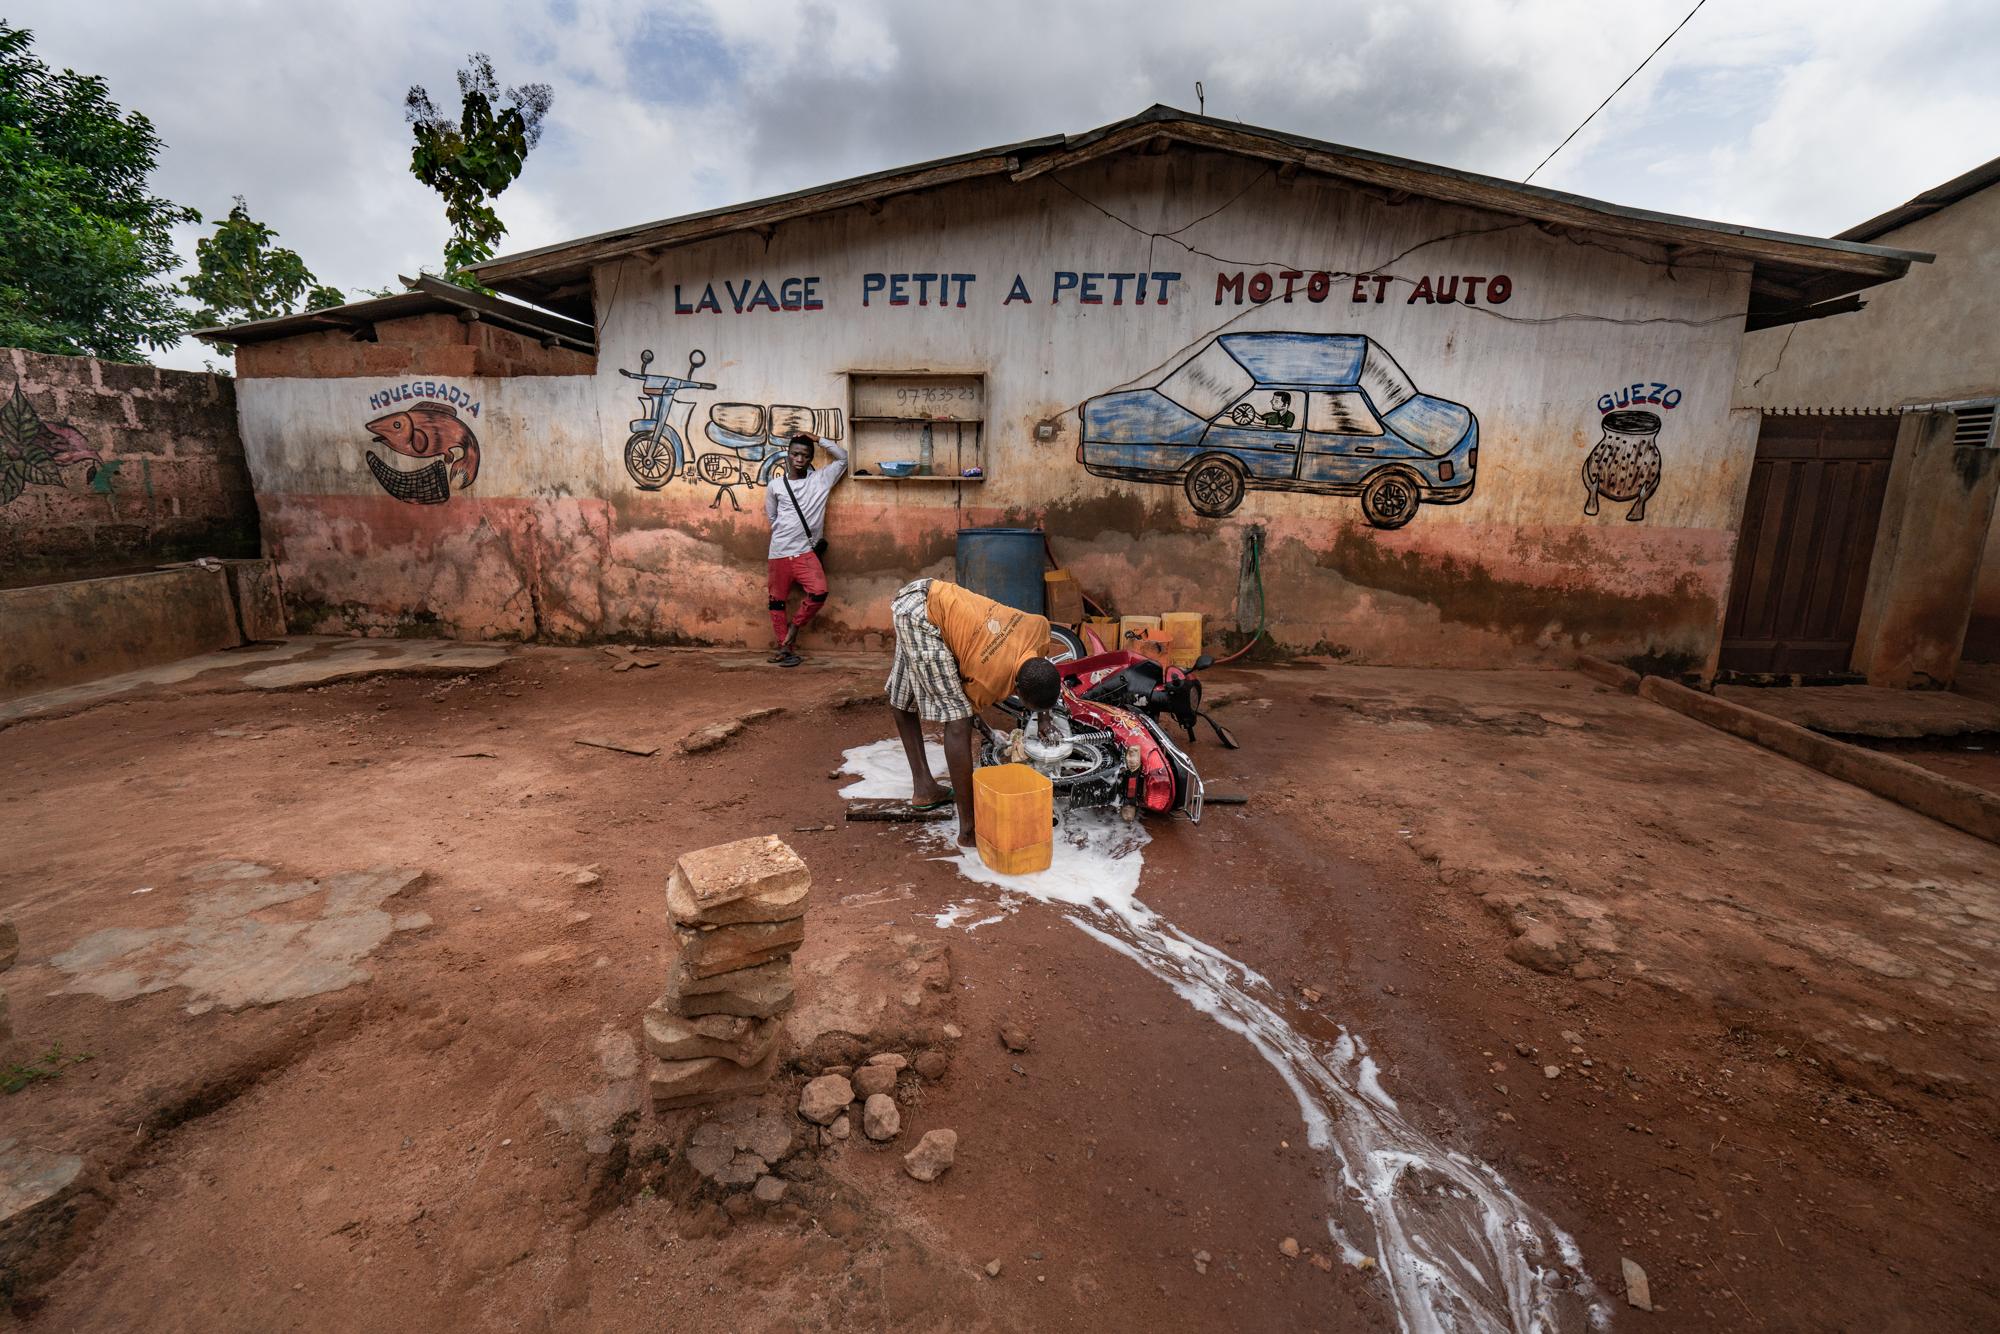 Benin_2000_ret  sin título2018-09410 7952 x 5304.jpg